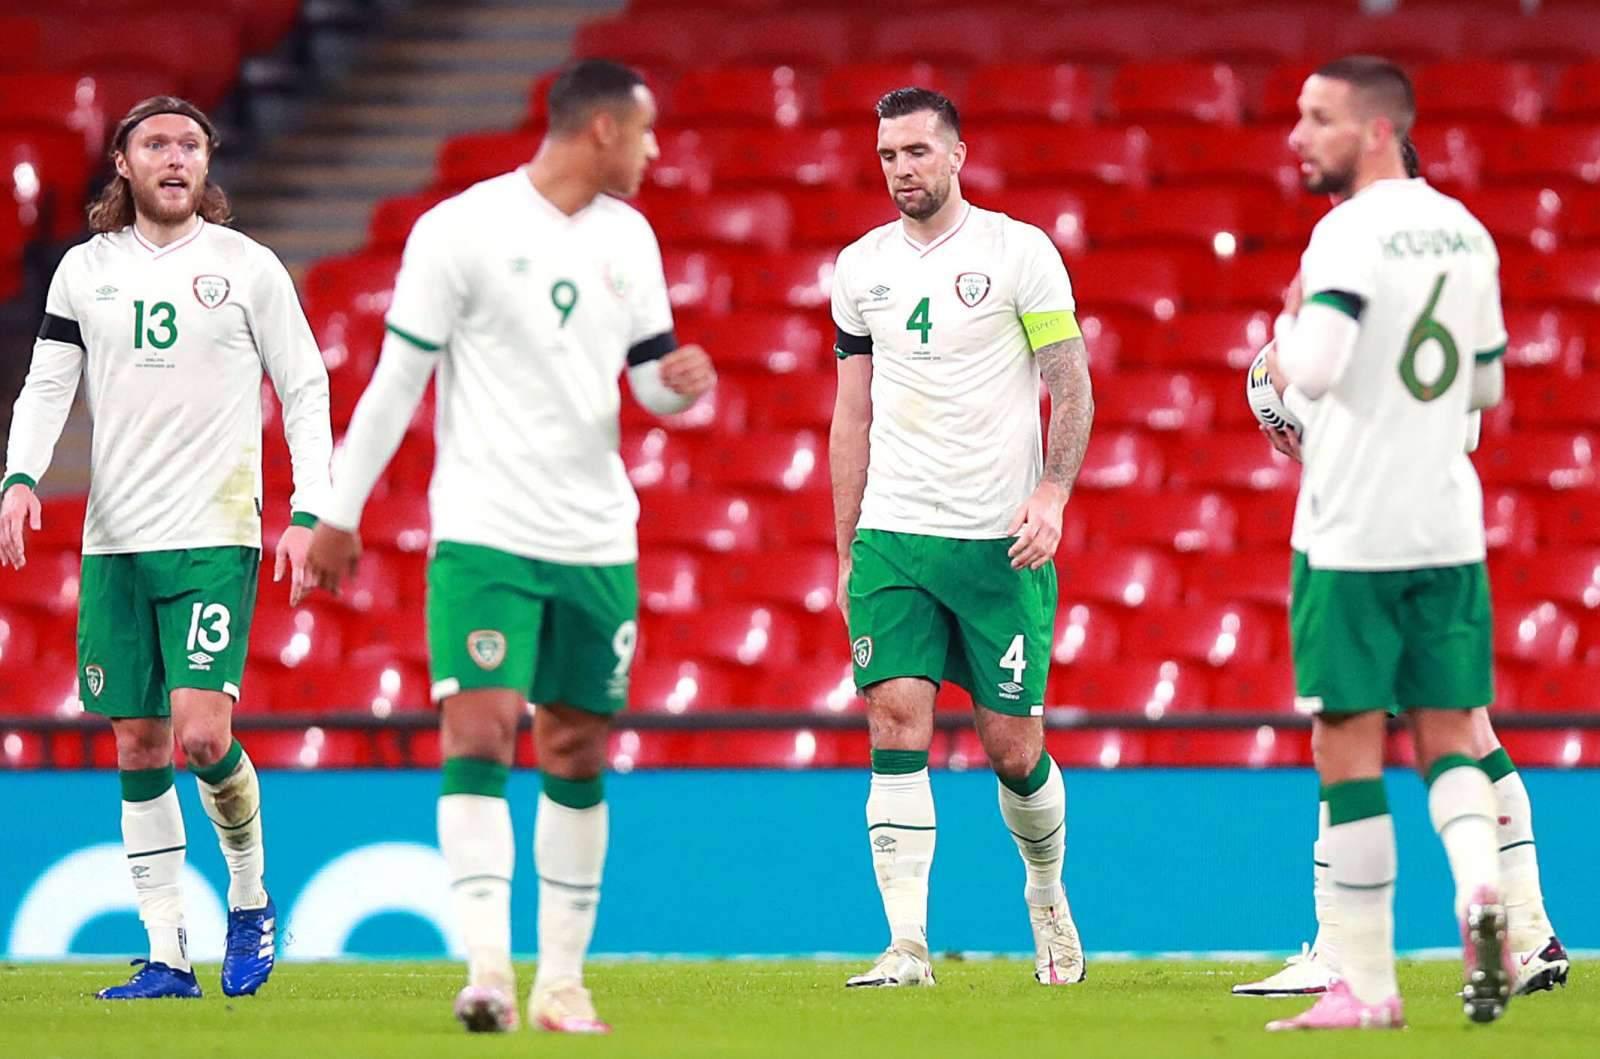 Азербайджан упустил победу в Ирландии, Сербия догнала Португалию, победа Норвегии